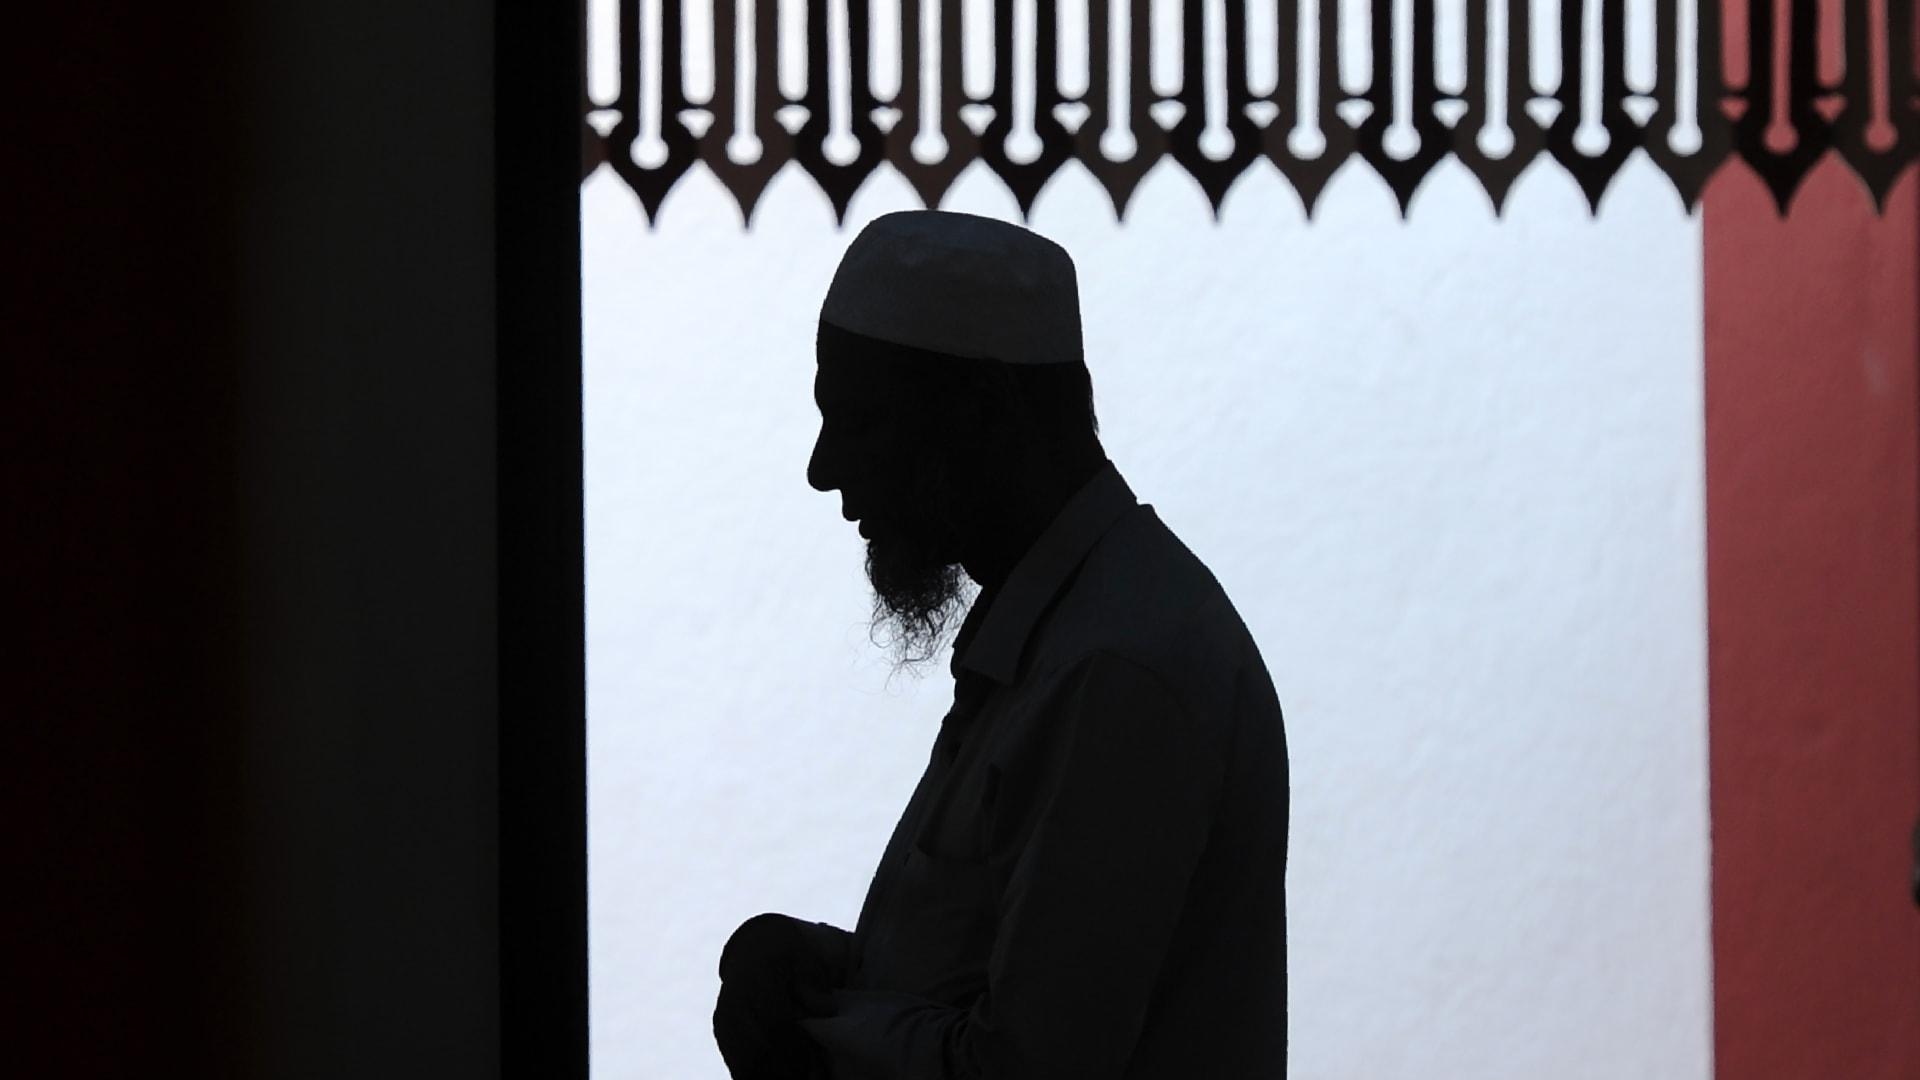 صورة ارشيفية (تعبيرة) لمسلم يصلي